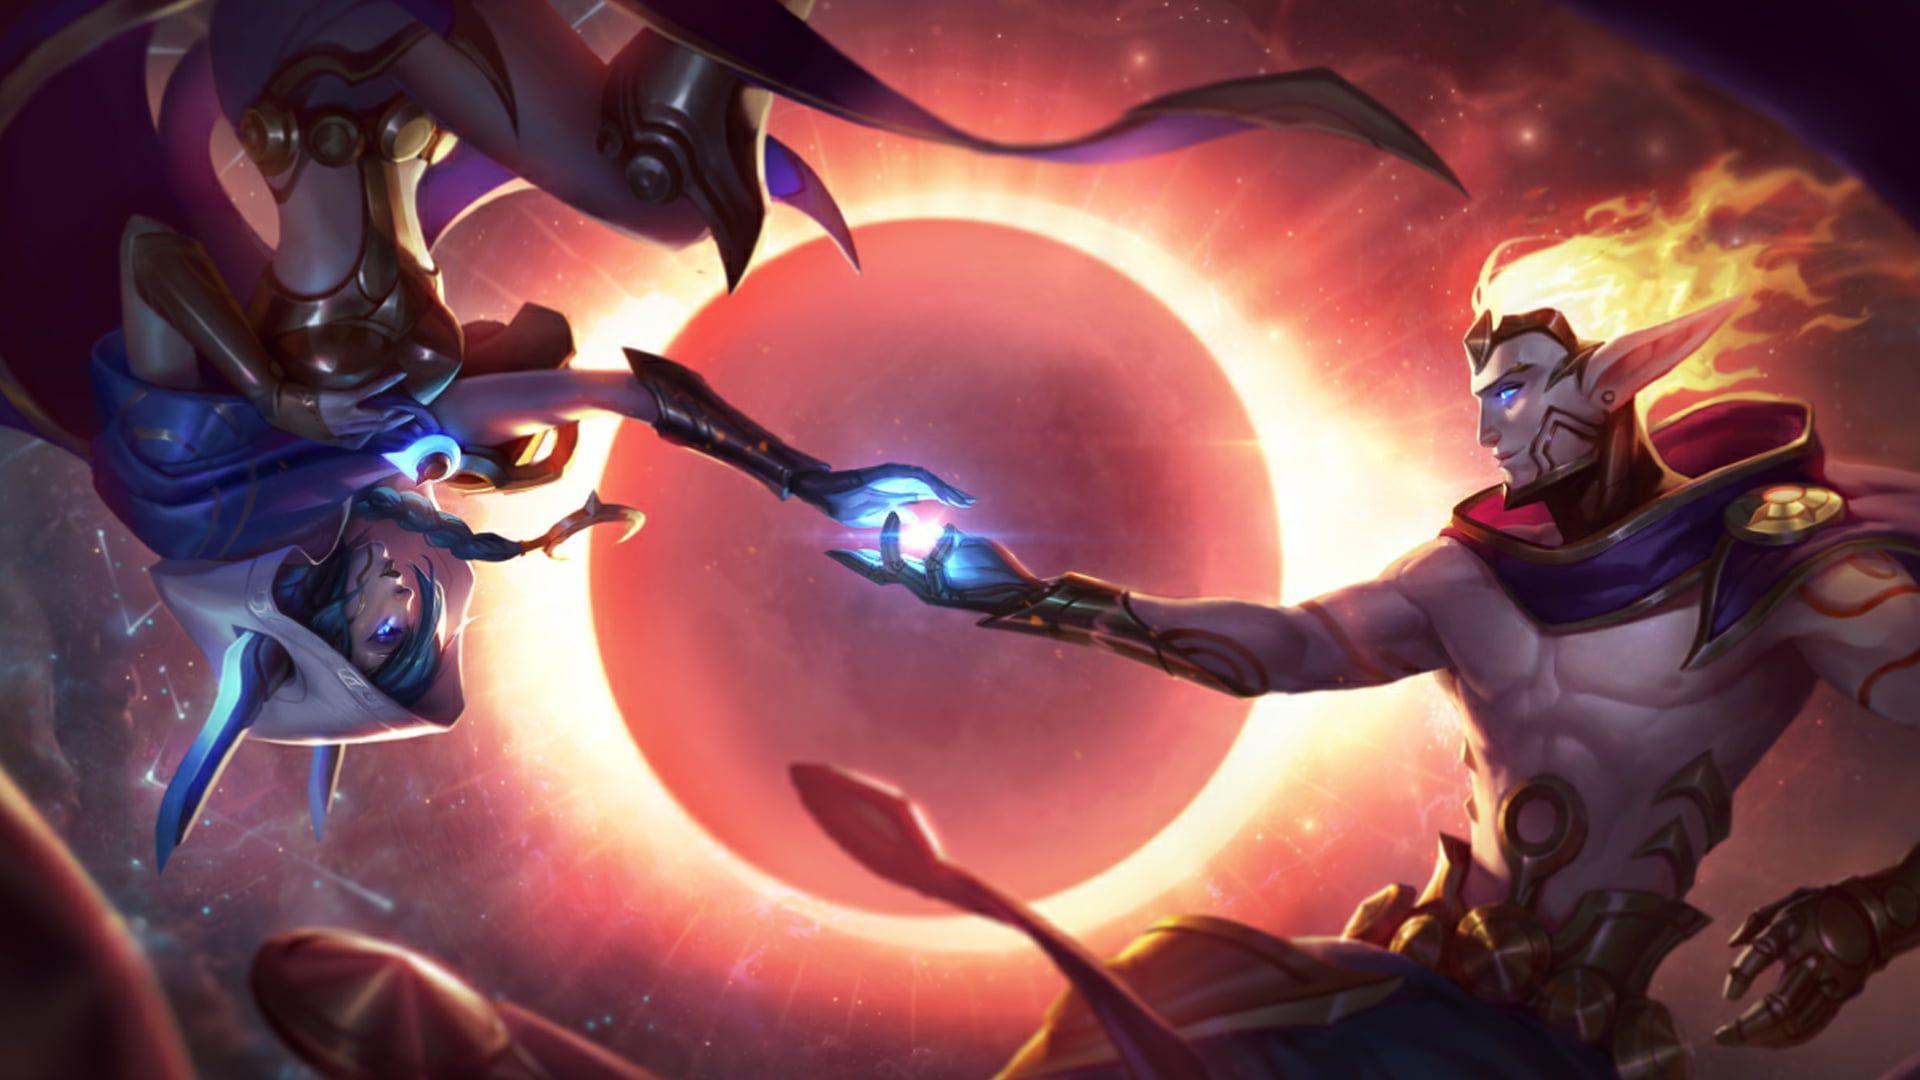 League Of Legends Rakan And Xayah Wallpaper Xayah And Rakan